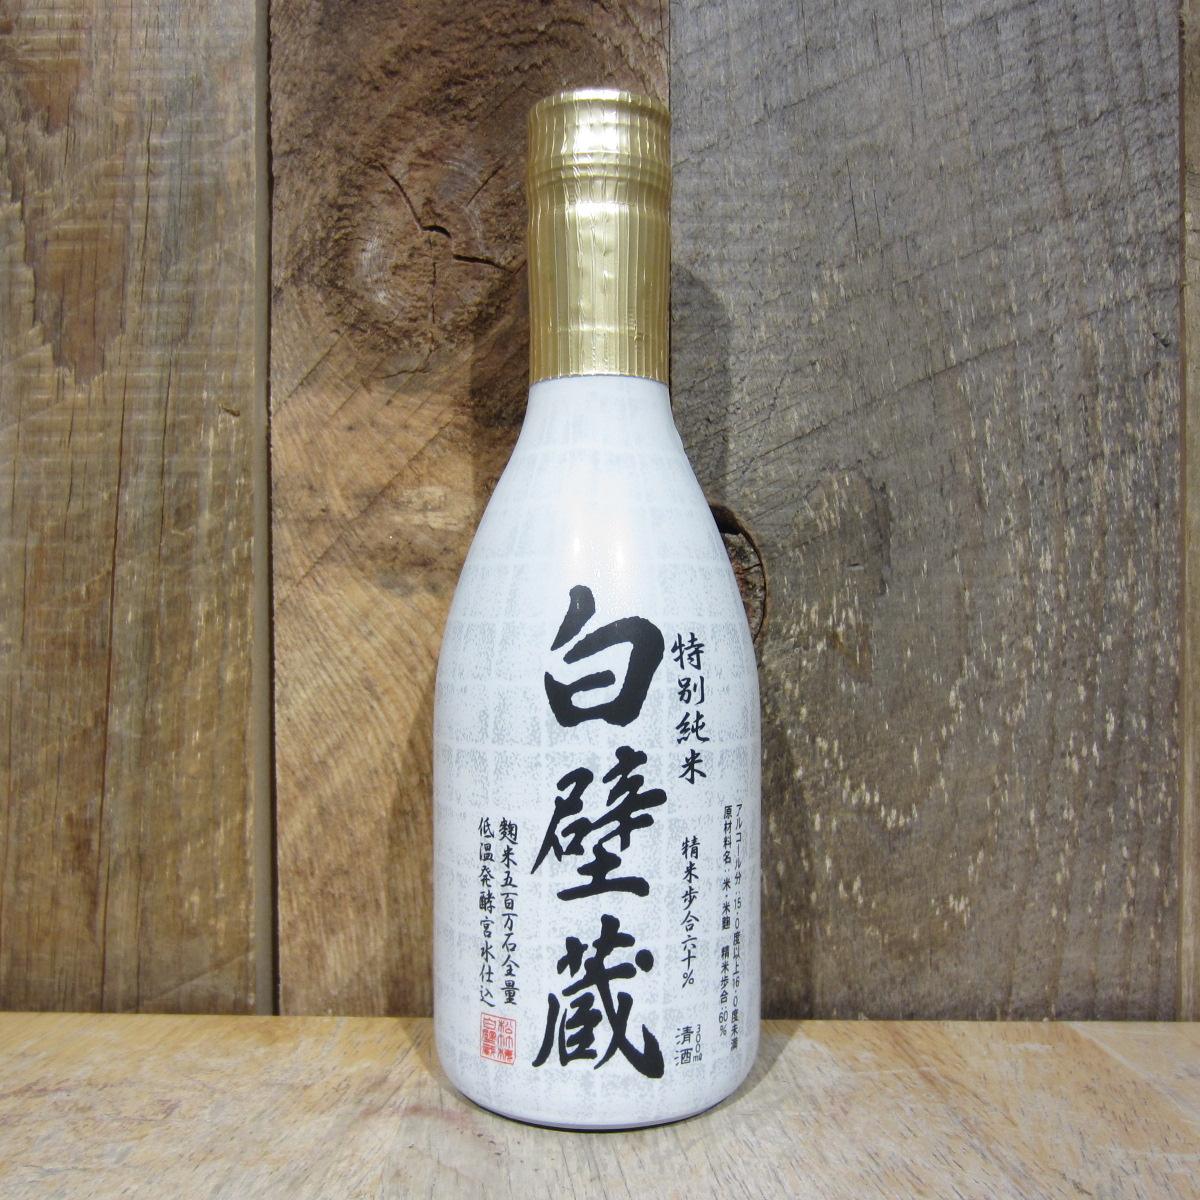 Shirakabe Gura Tokubetsu Junmai 300ml